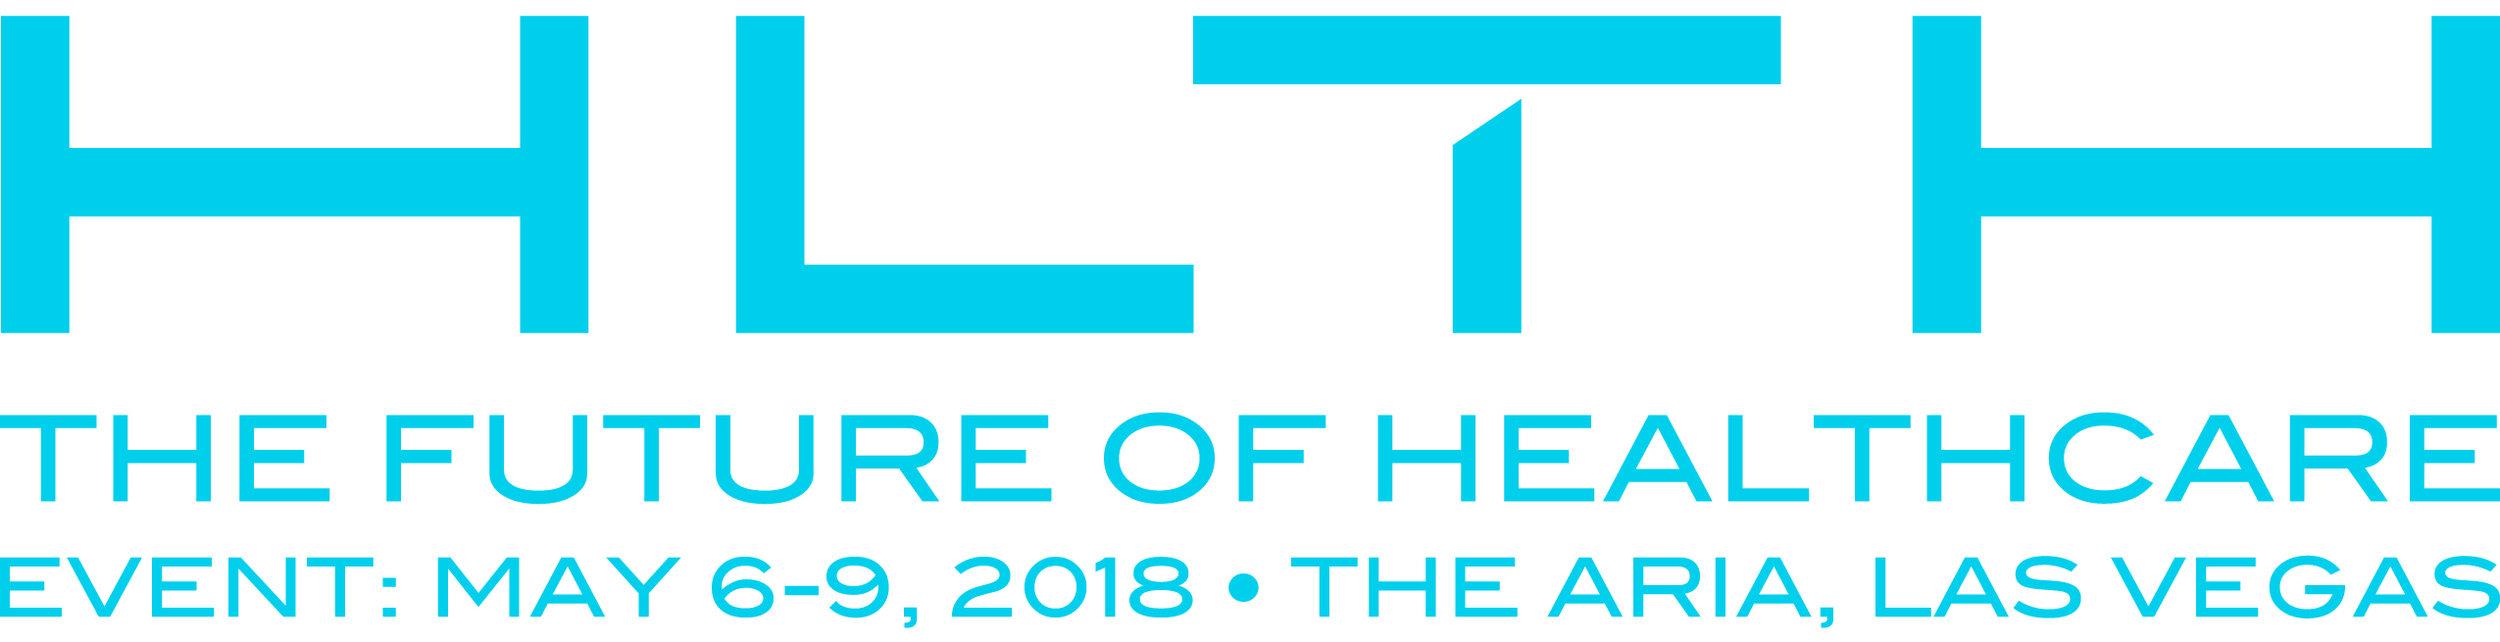 HLTH_Logo_Blue_Event_2017 (1).jpg